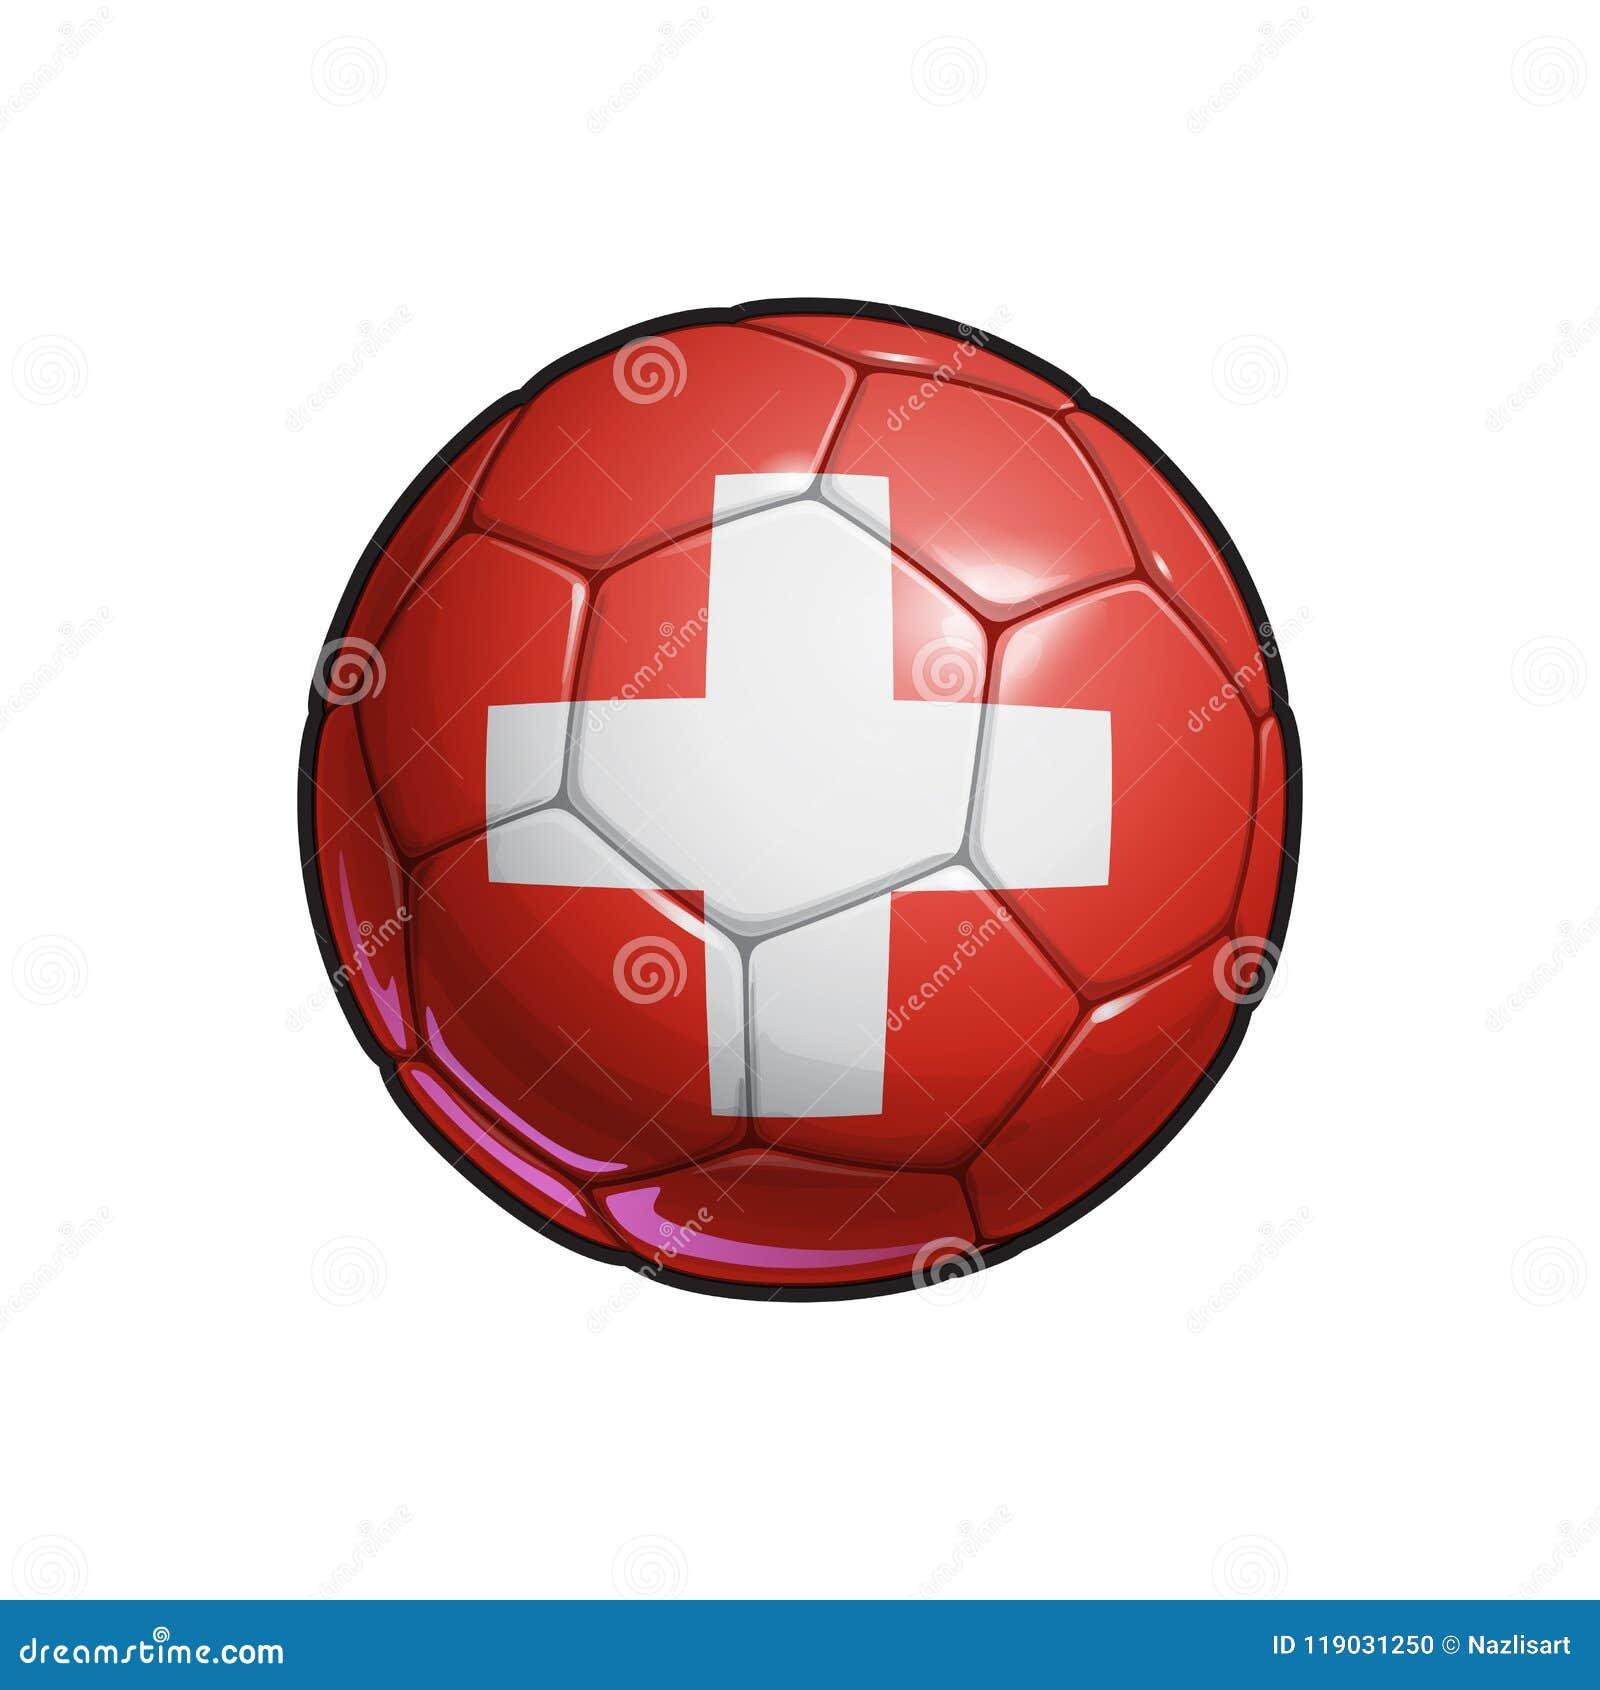 d4862f4b6da5c Futebol De Bandeira Suíço - Bola De Futebol Ilustração do Vetor ...